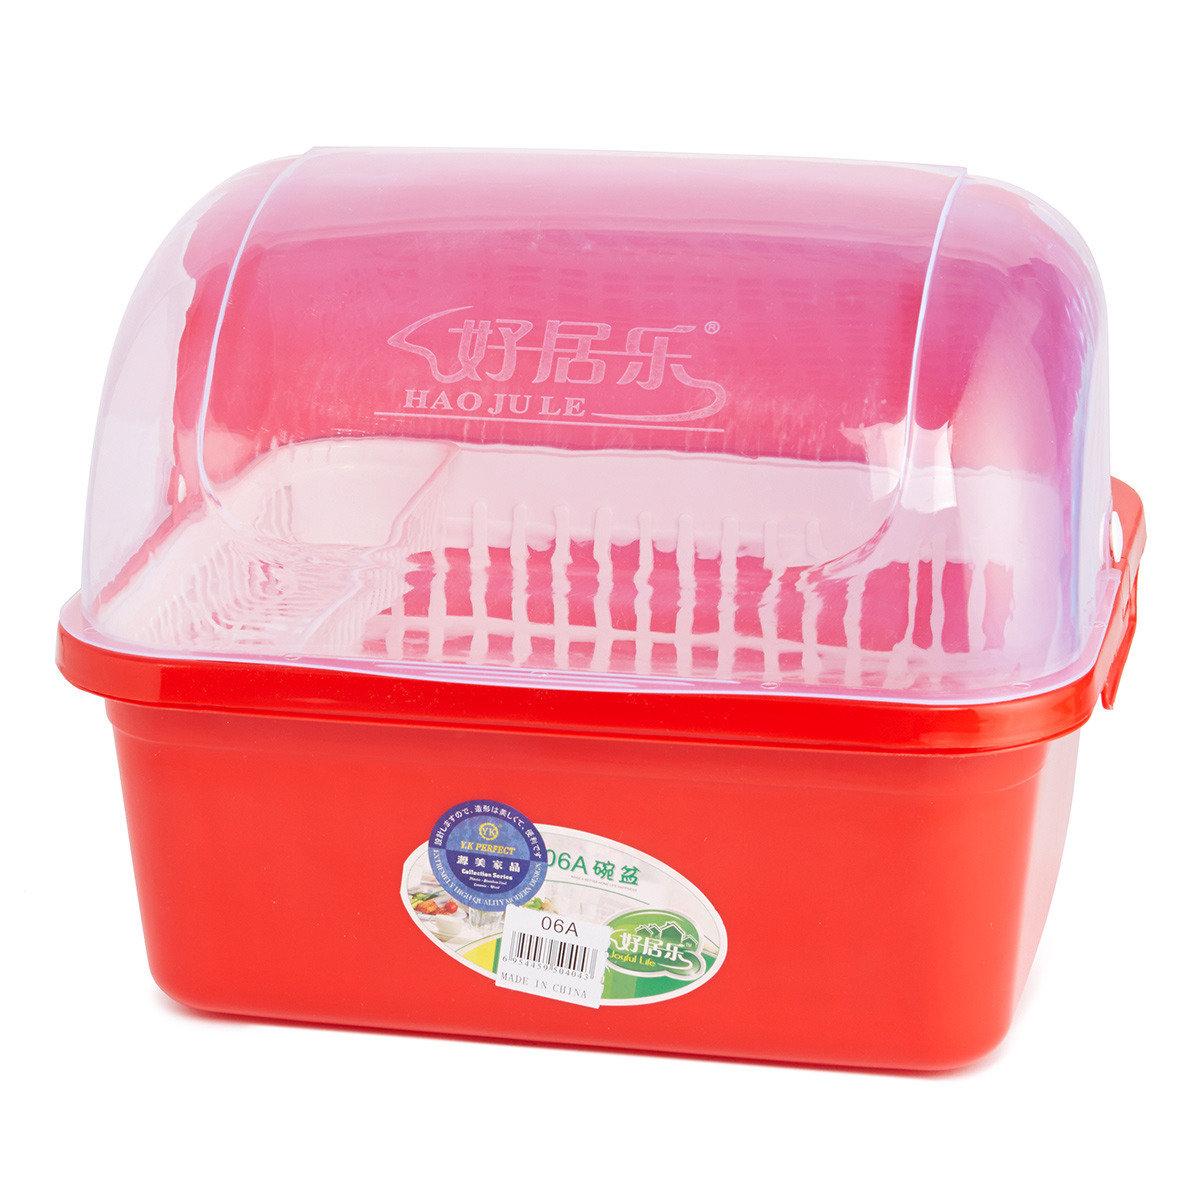 0516 康之寶推蓋碗箱 - 06A (顏色隨機派送)